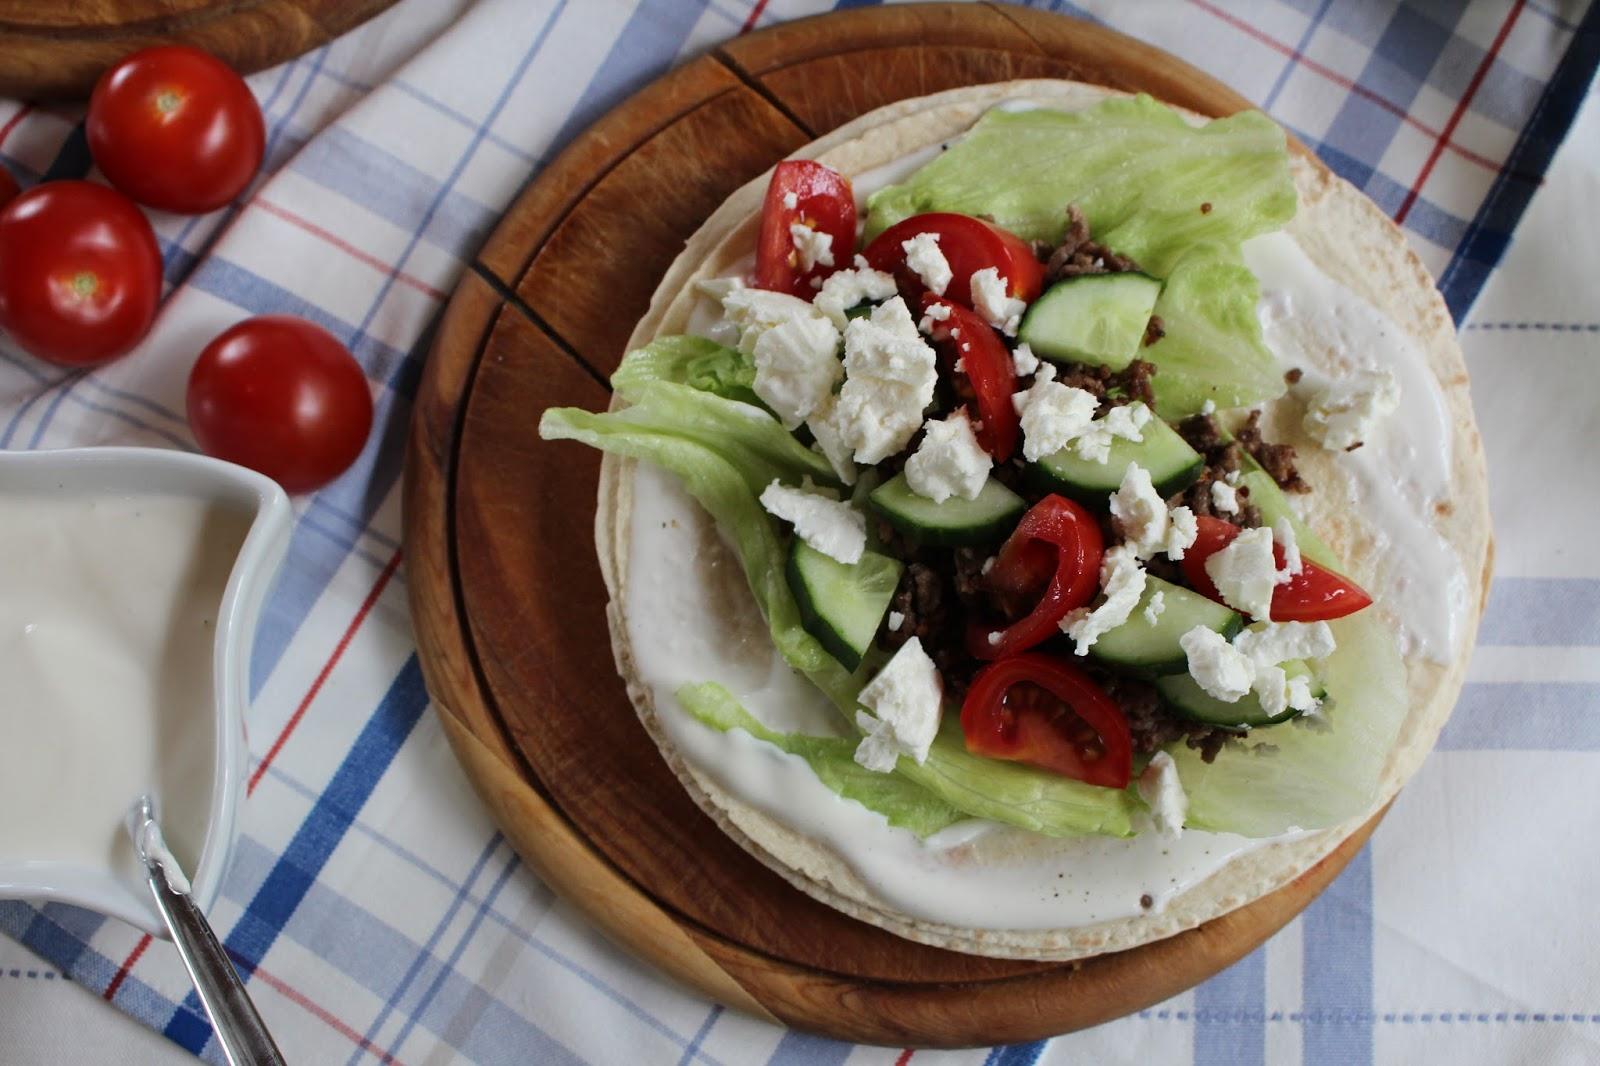 Tortilla Wraps mit pikantem Rinderhack, Tomaten, Gurke und Schafskäse - einfach und köstlich!